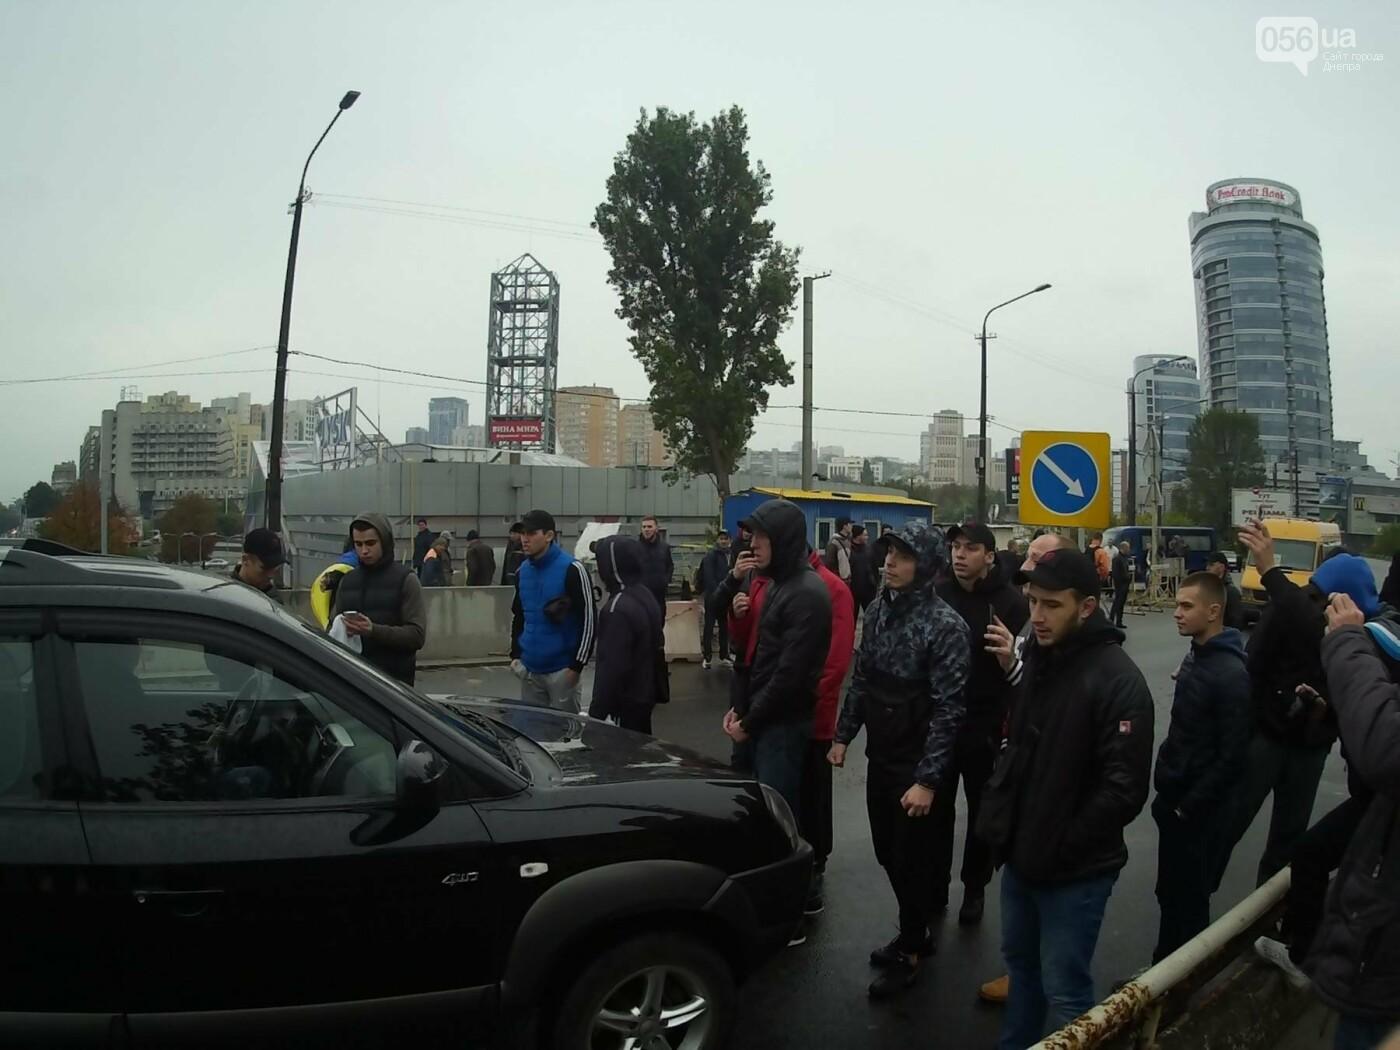 В Днепре на Центральном мосту произошла драка между активистами и полицией (ФОТО, ВИДЕО), фото-1